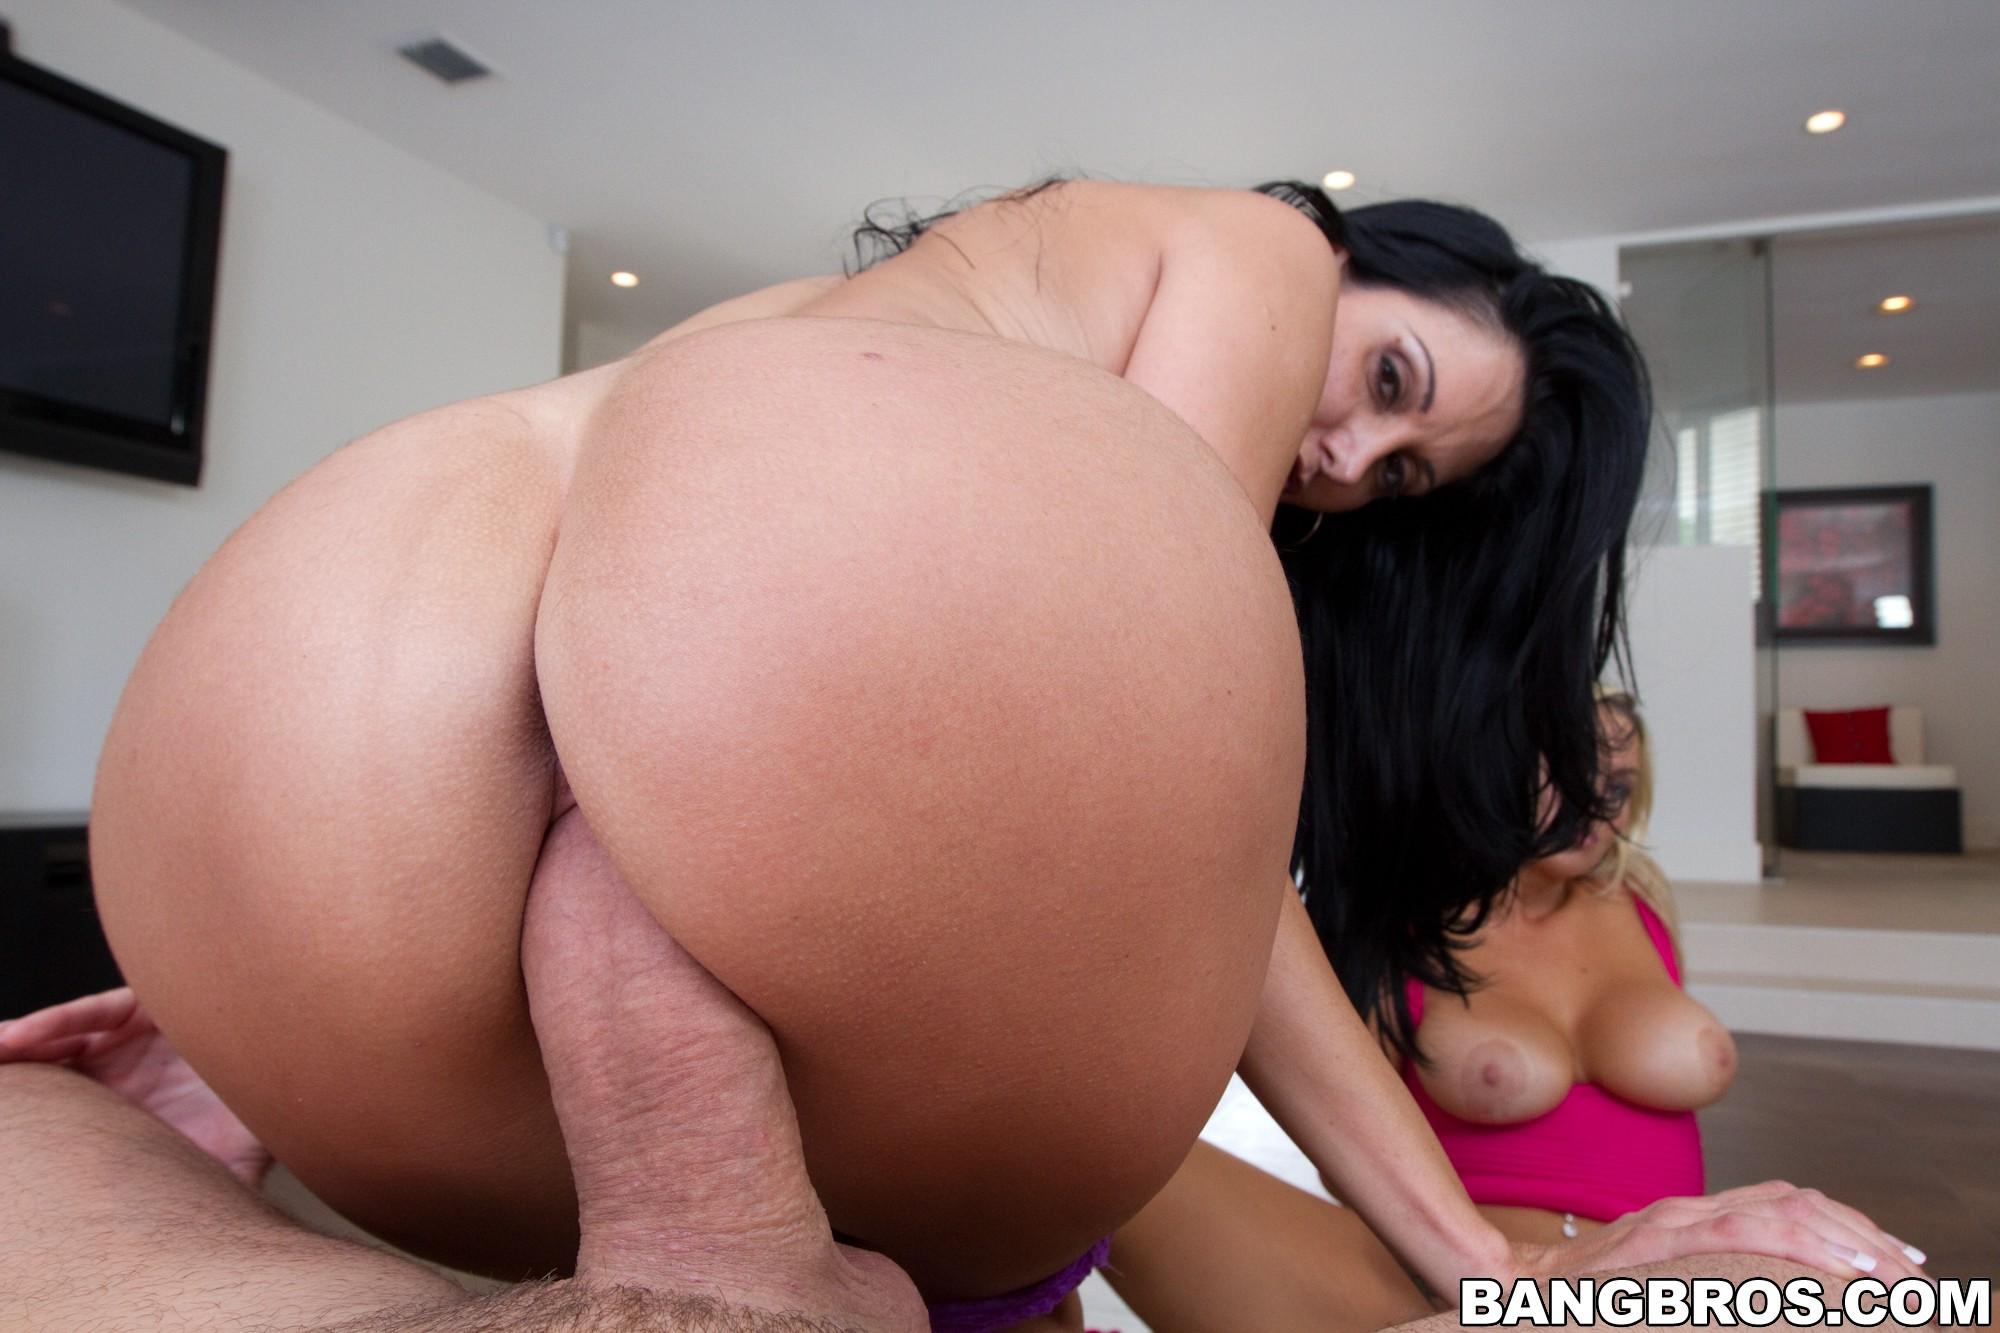 Latina big ass photos